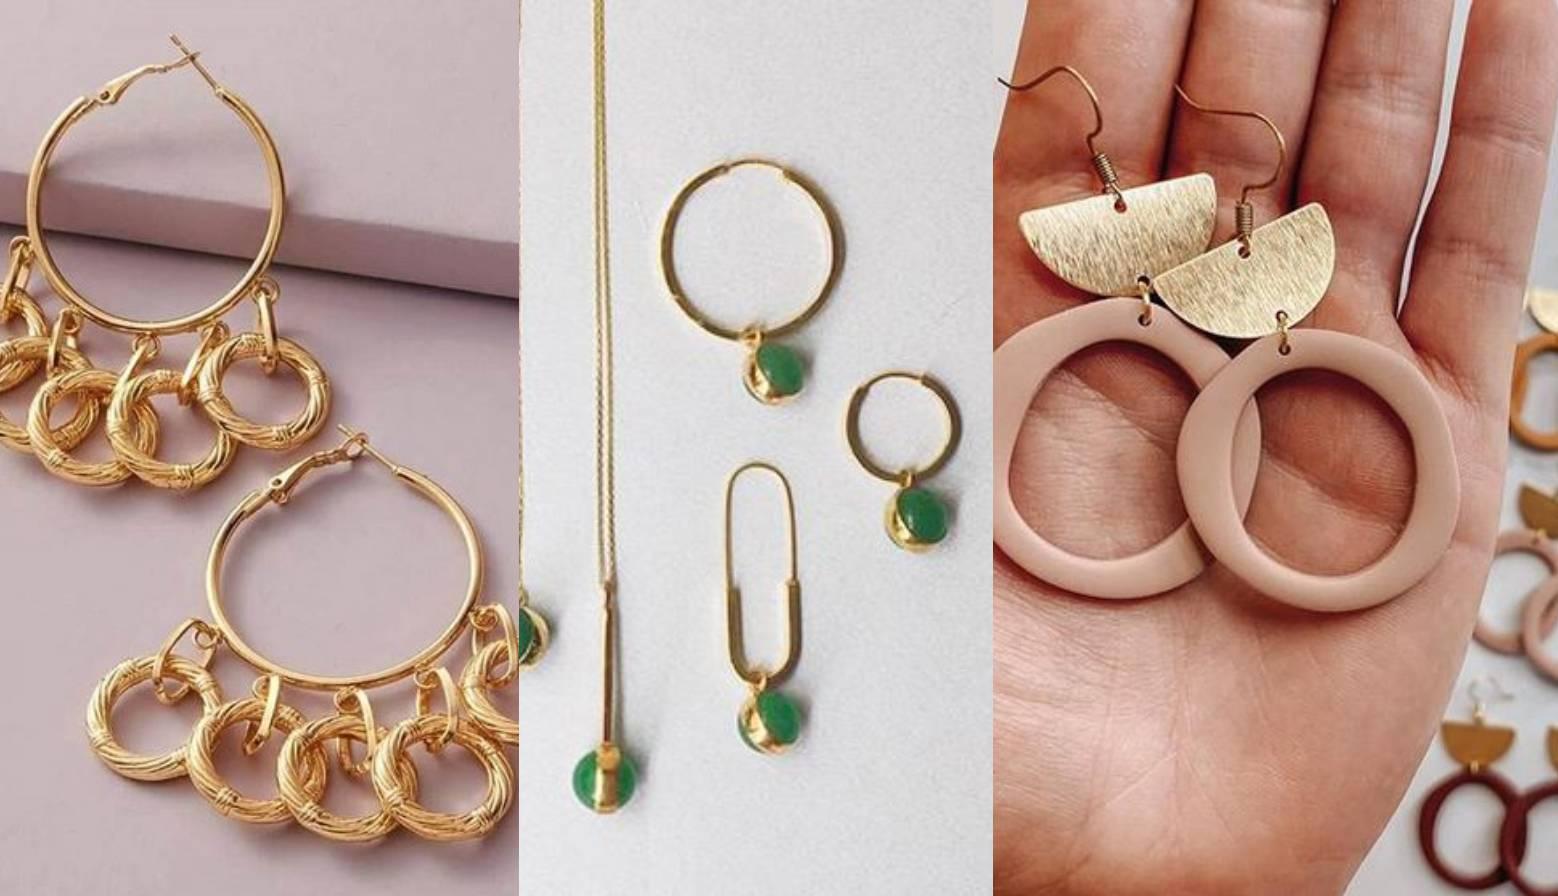 Nešto drugačiji ringovi: Klasični nakit sada ima novi chic dizajn